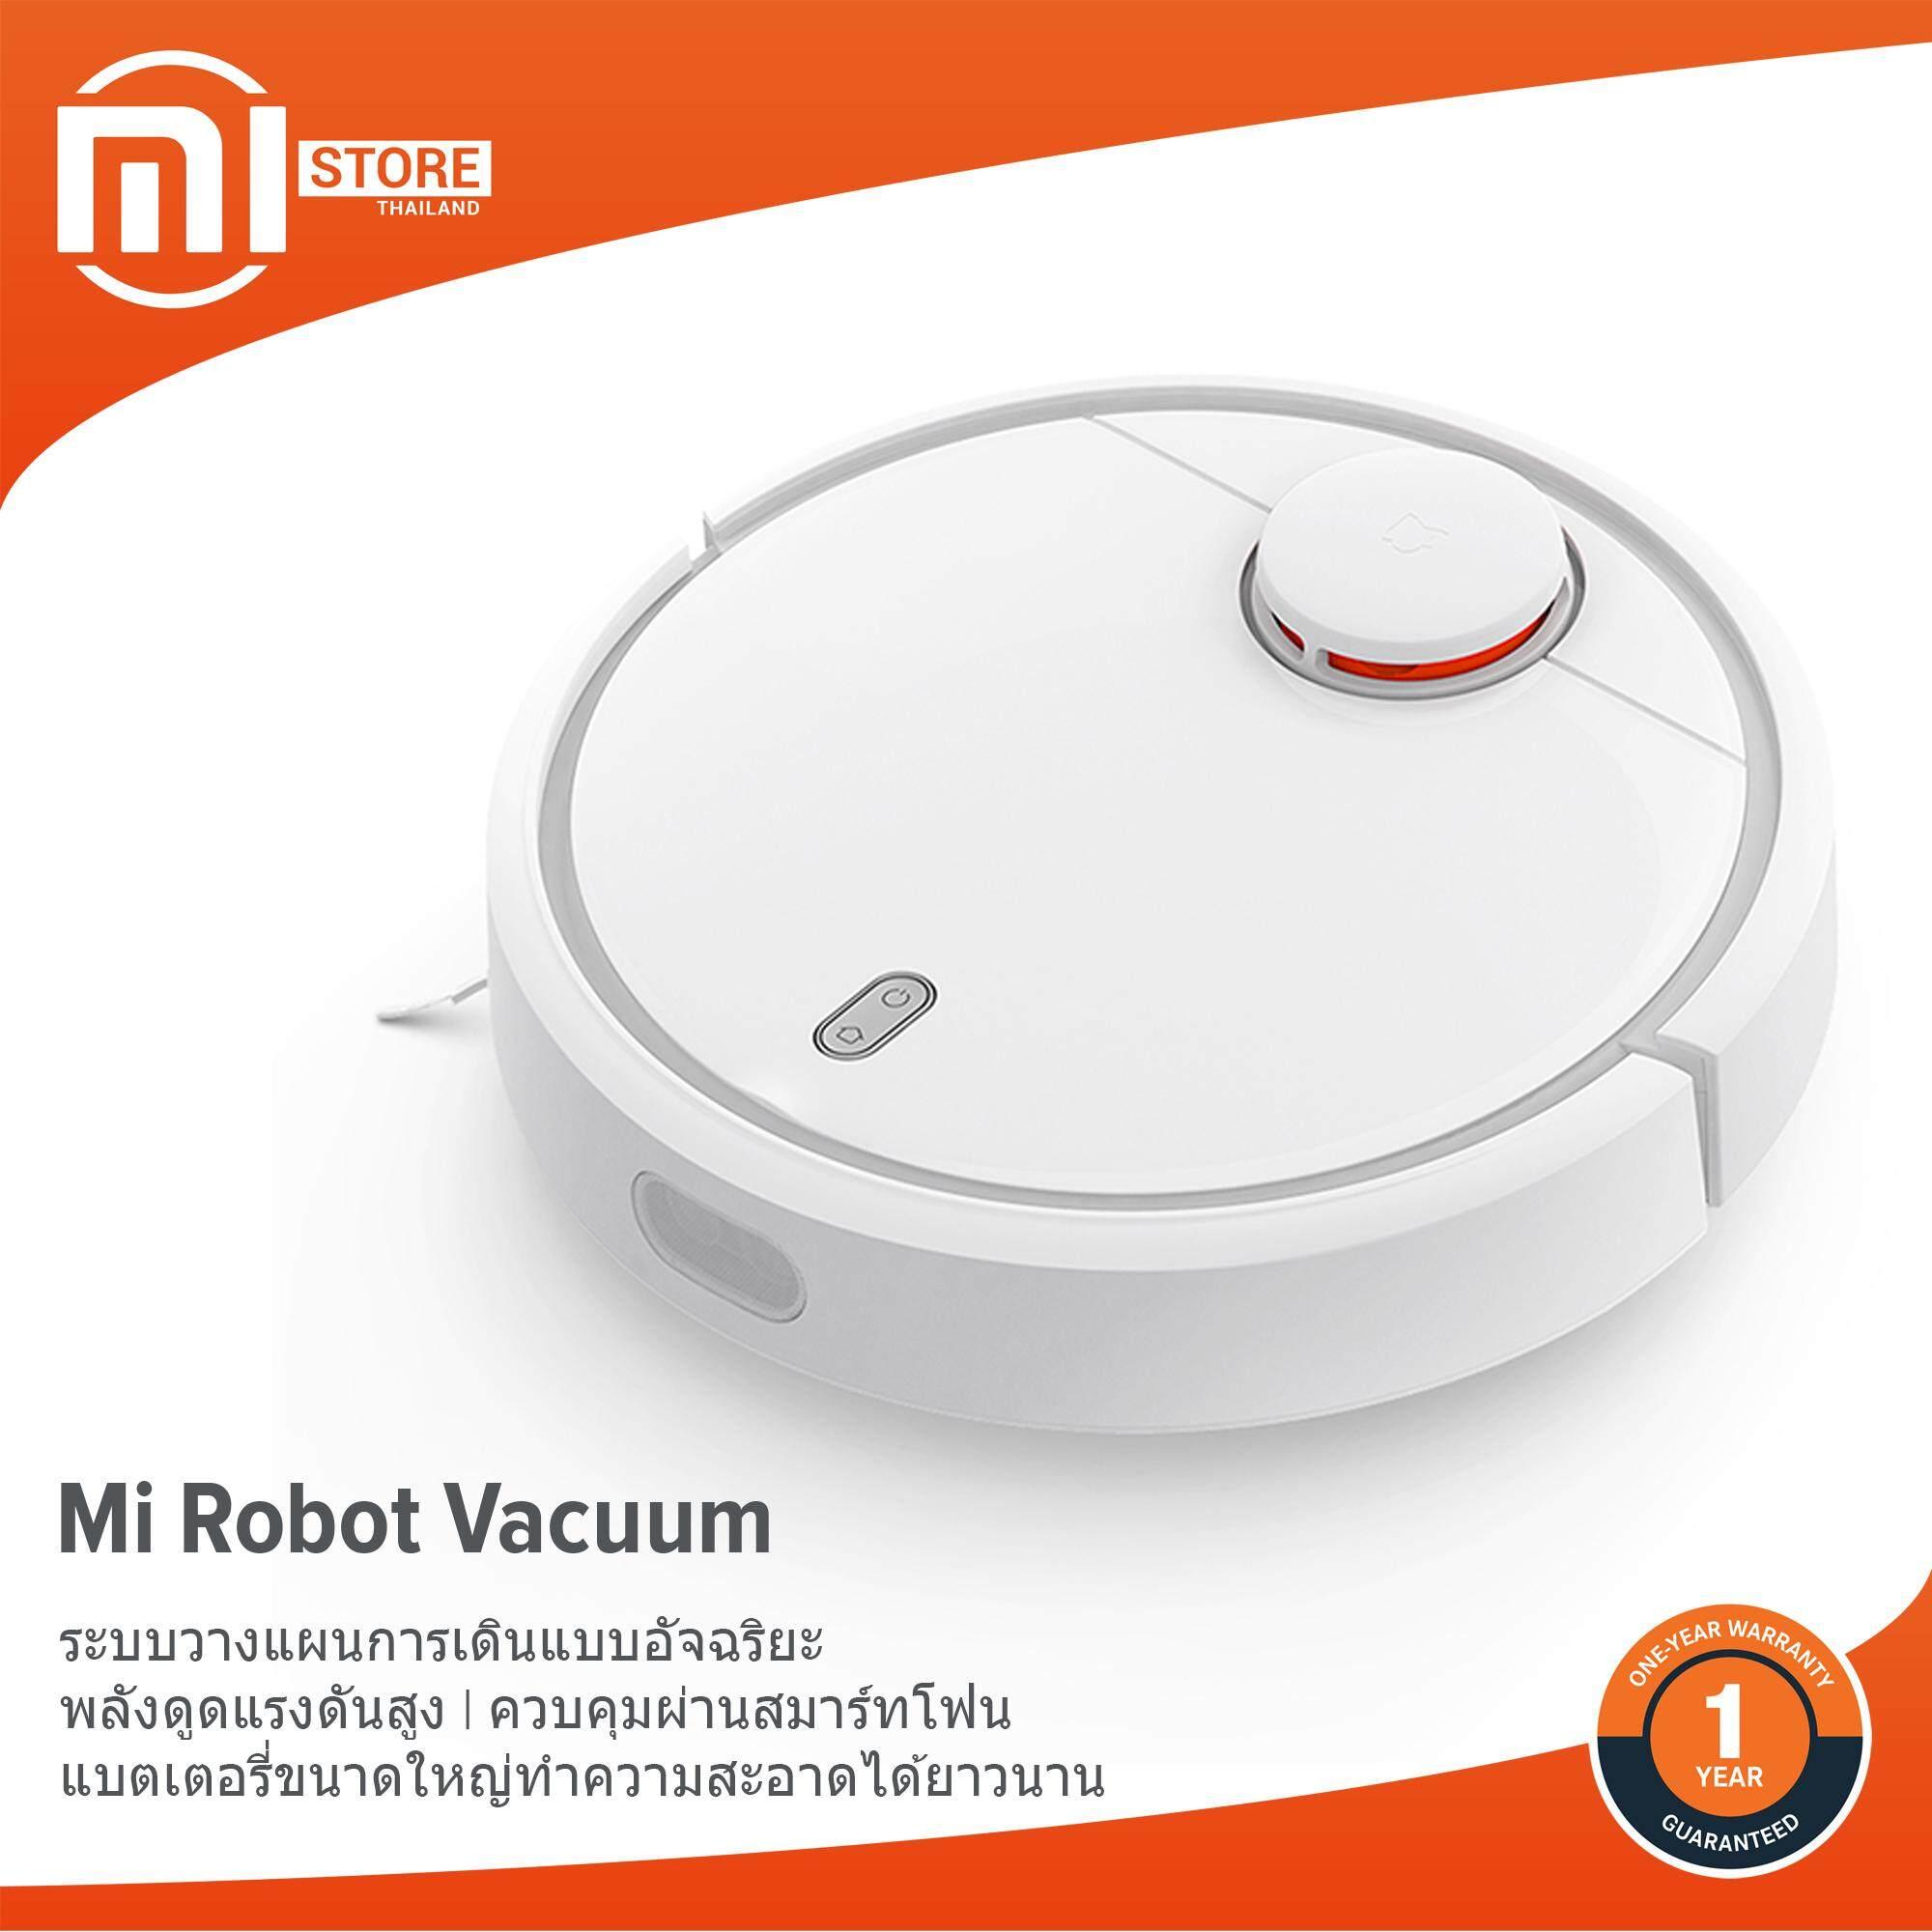 แนะนำรุ่นใหม่ Mi Robot Vacuum รุ่นนี้ดีไหม